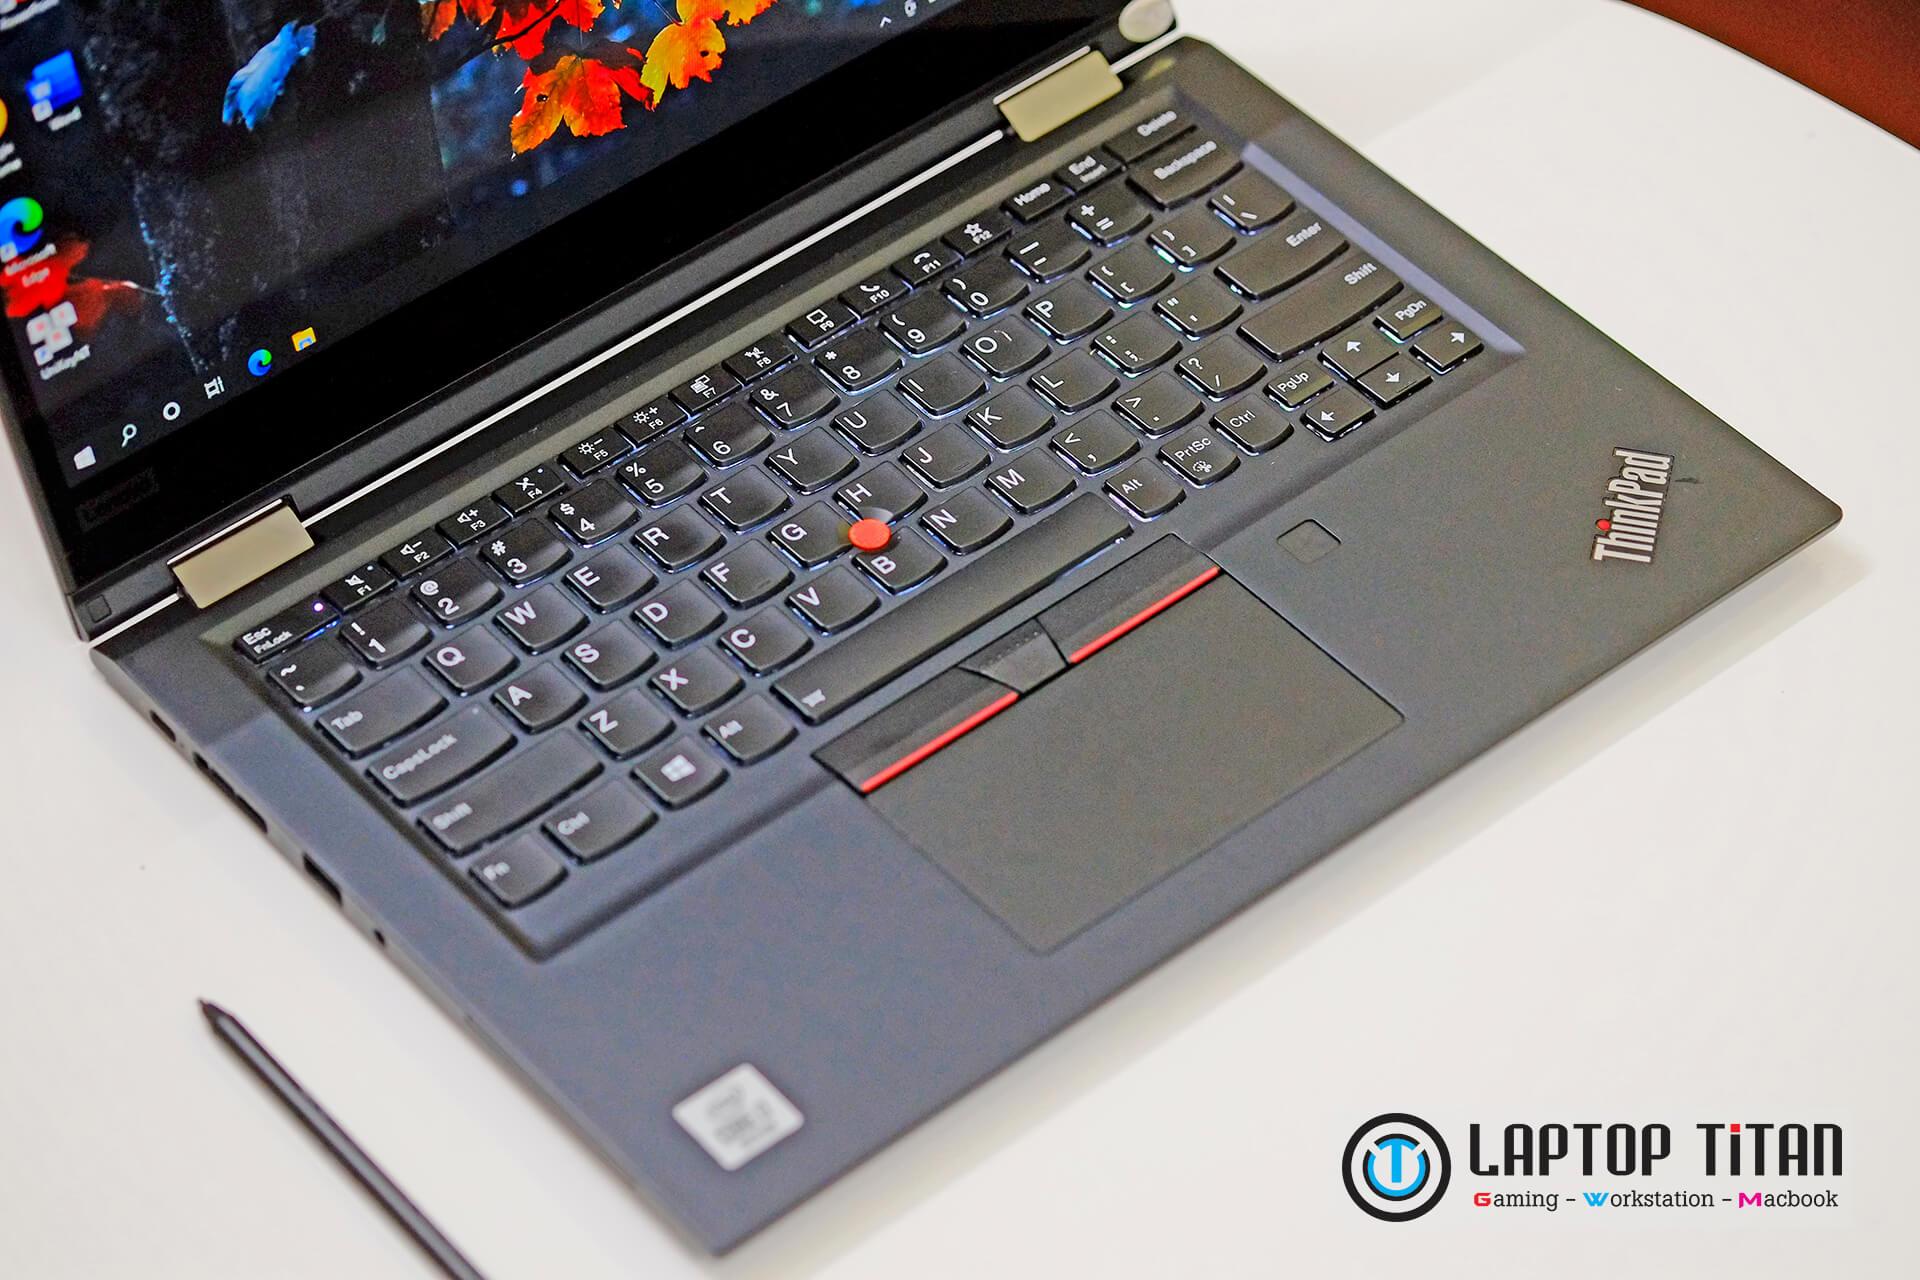 Lenovo Thinkpad X13 Yoga Laptoptitan 010